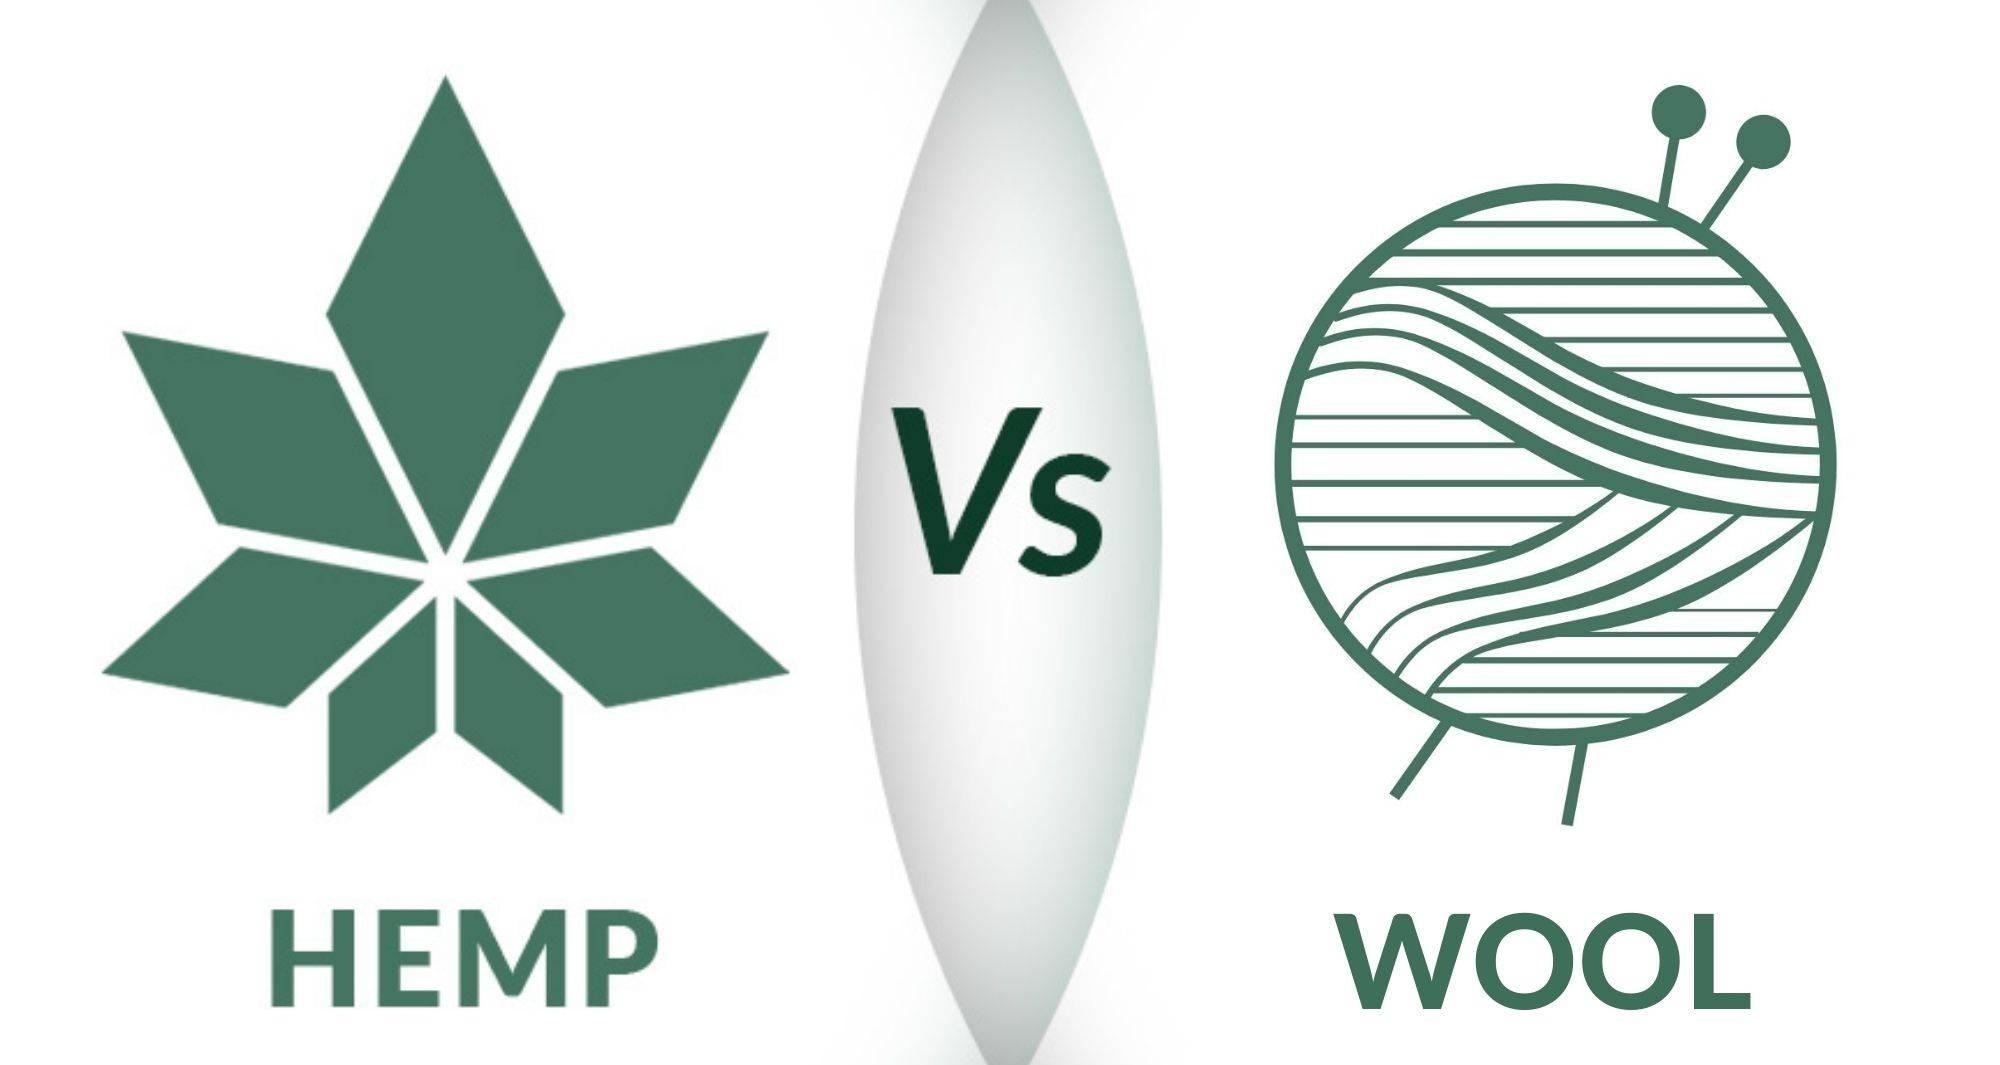 Hemp Vs Wool Logo By WAMA Underwear